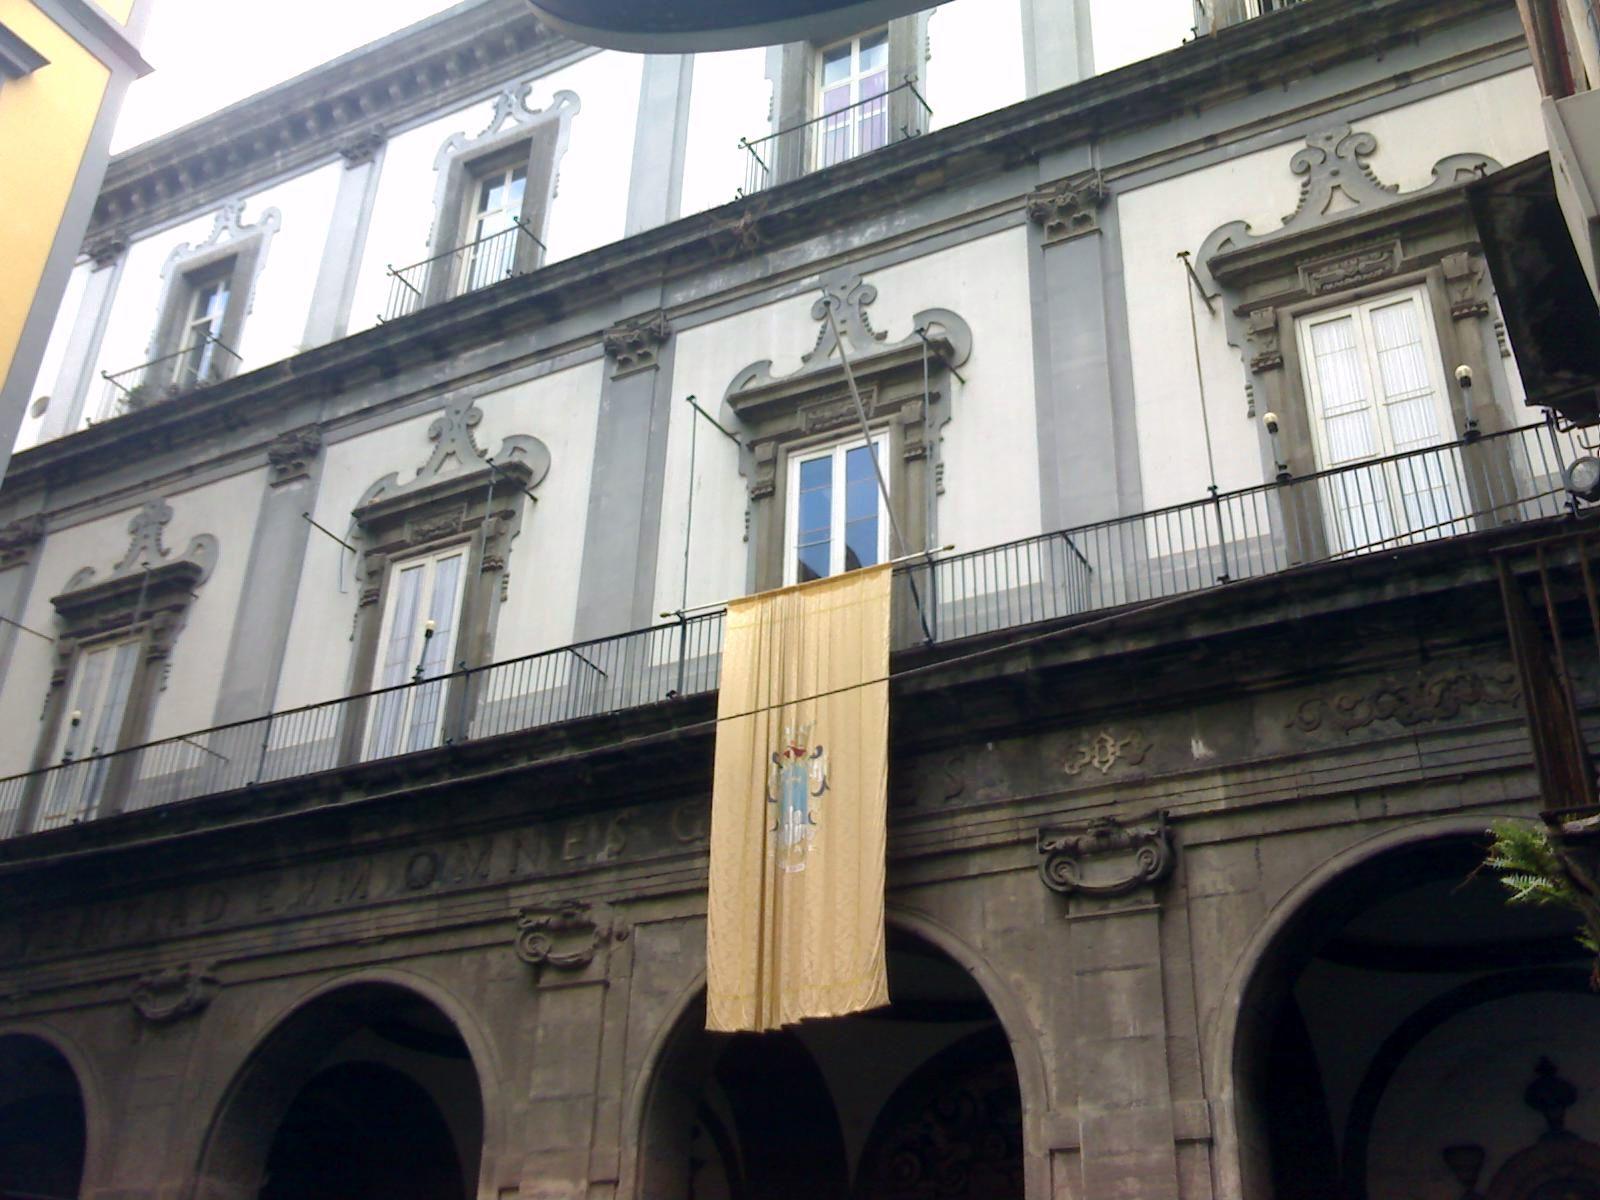 Si inaugurano domani le sculture realizzate da Jan Fabre per il Pio Monte della Misericordia